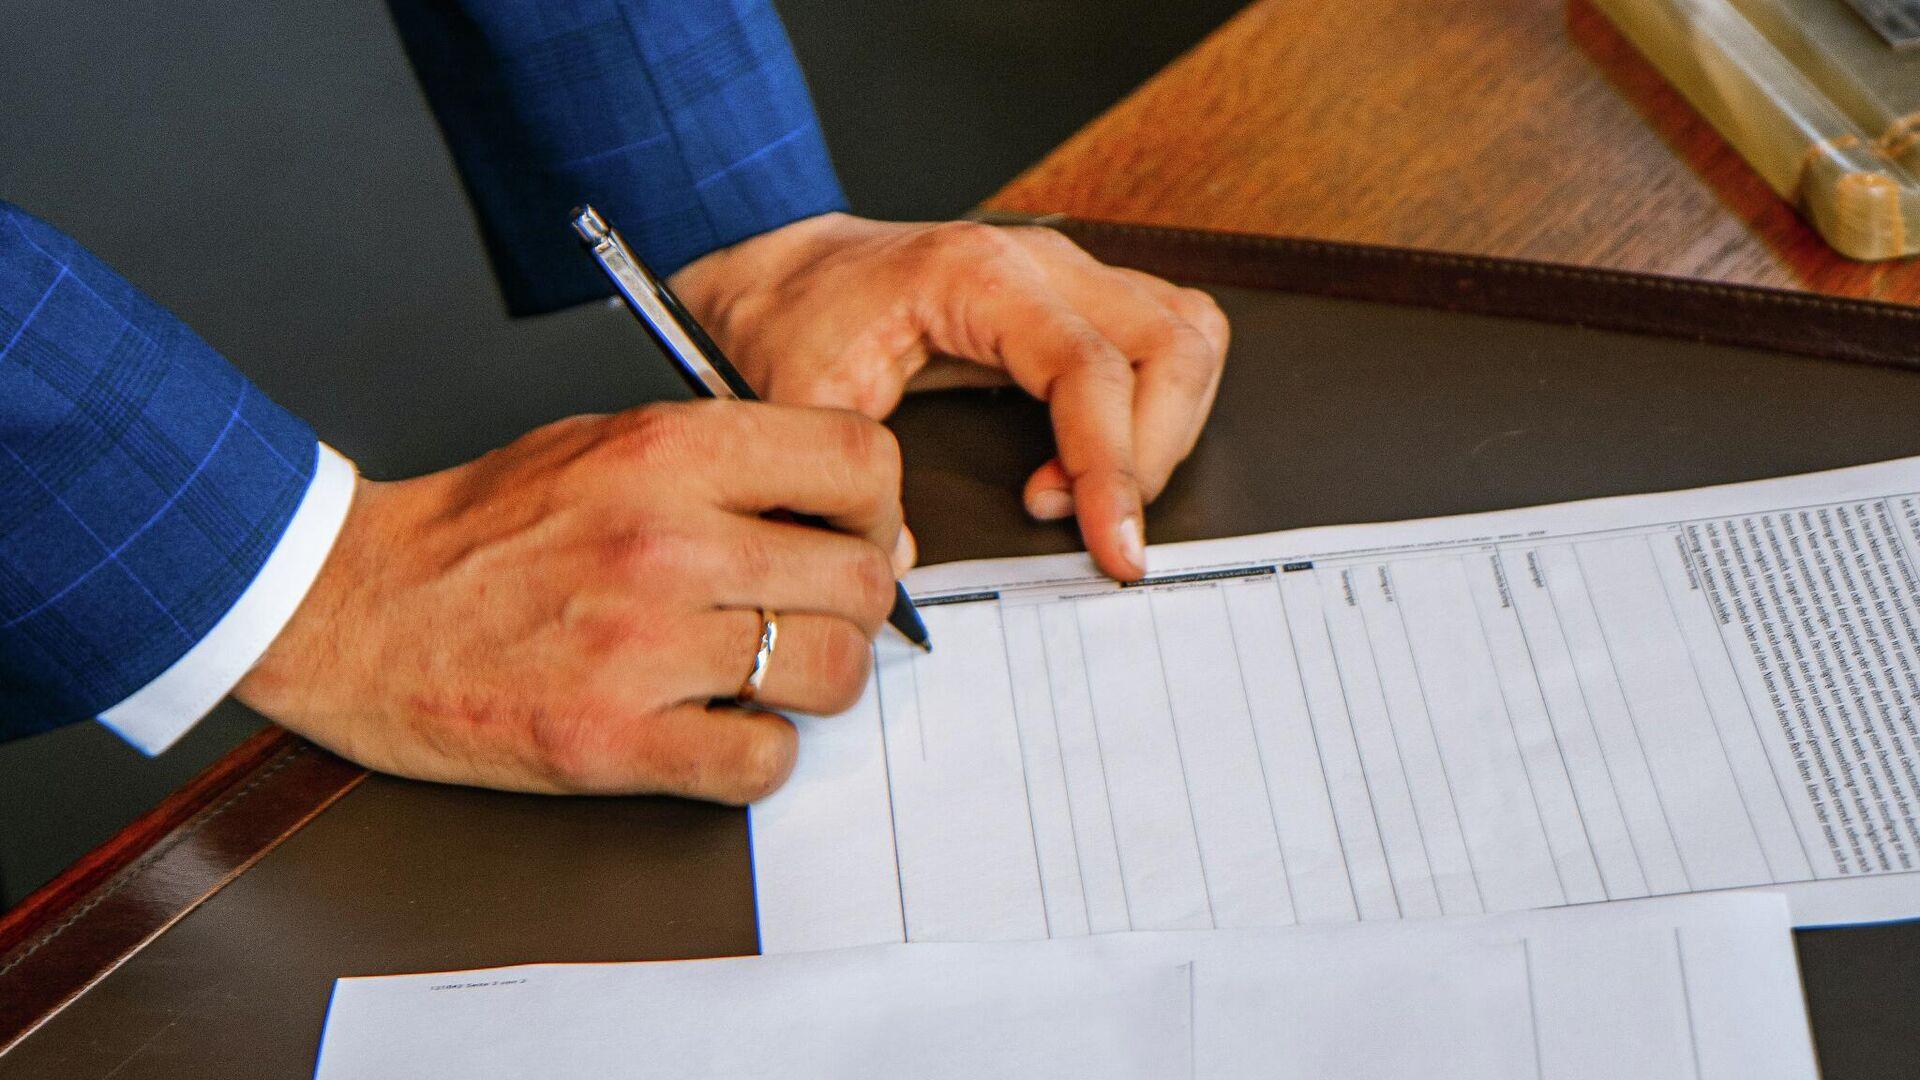 Мужчина подписывает документы. Иллюстративное фото - Sputnik Узбекистан, 1920, 26.09.2021